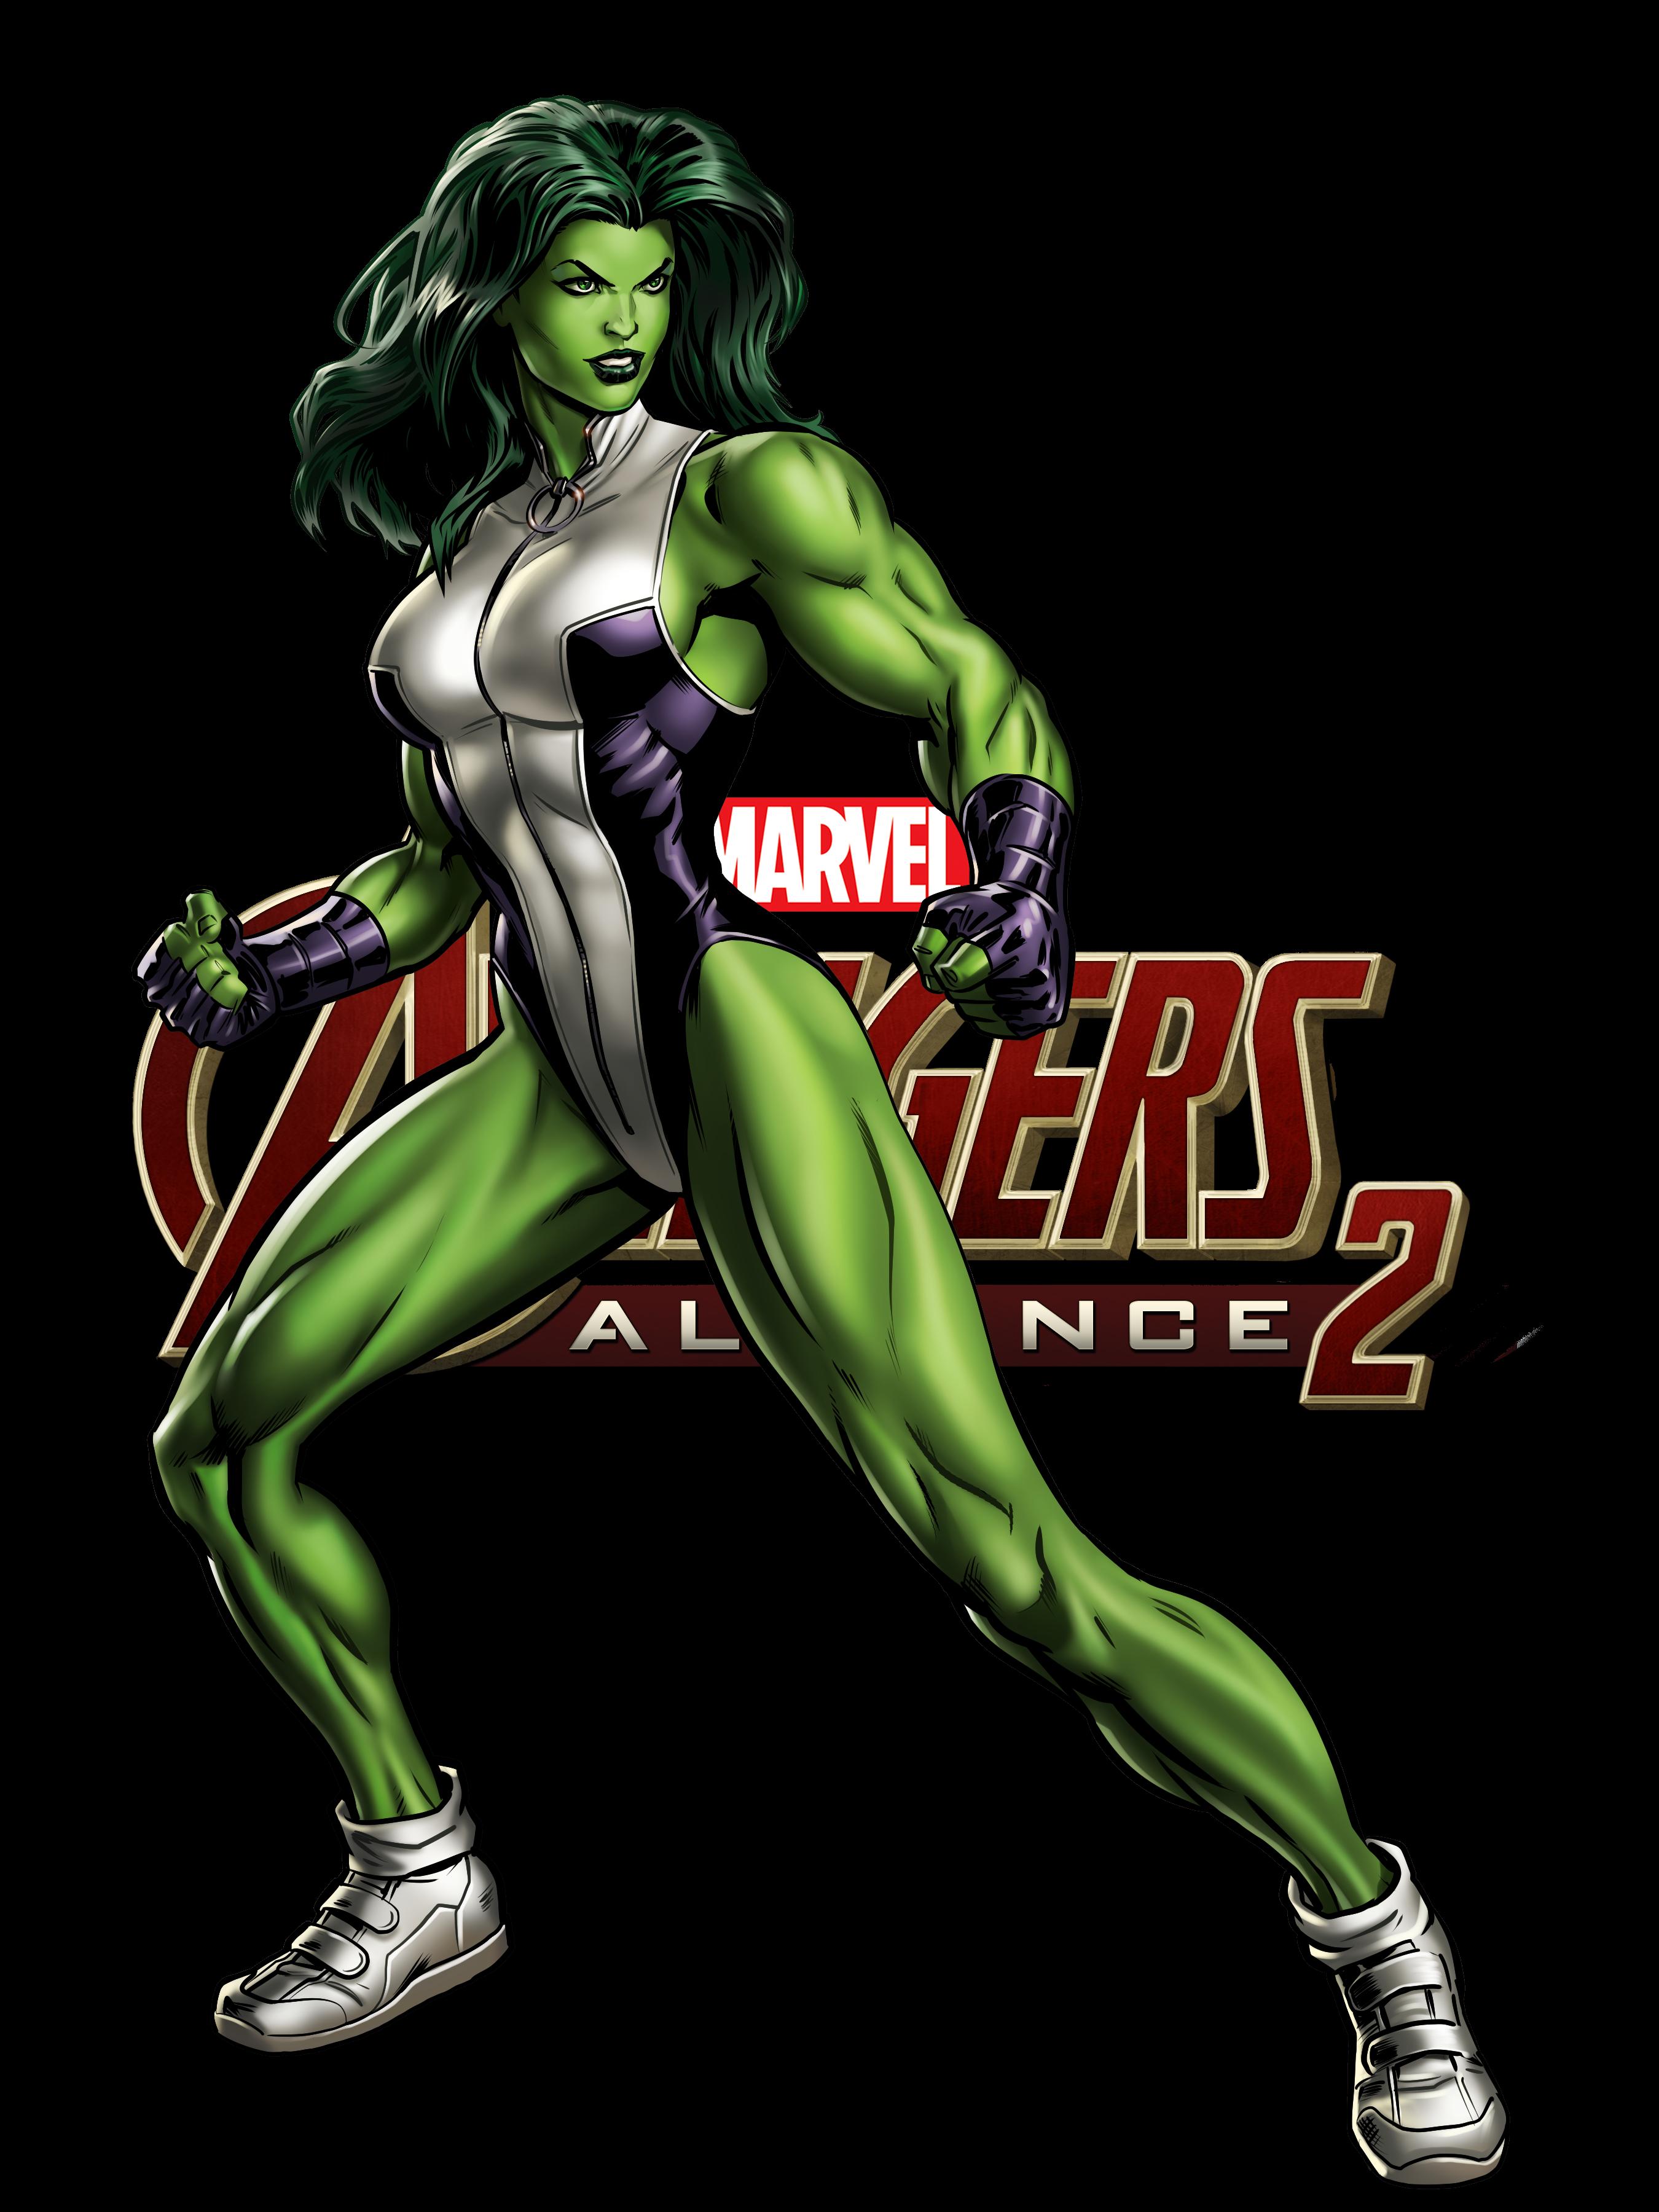 Maa2 She Hulk01 01 Logo Png 2700 3600 Shehulk Marvel Heroines Hulk Art